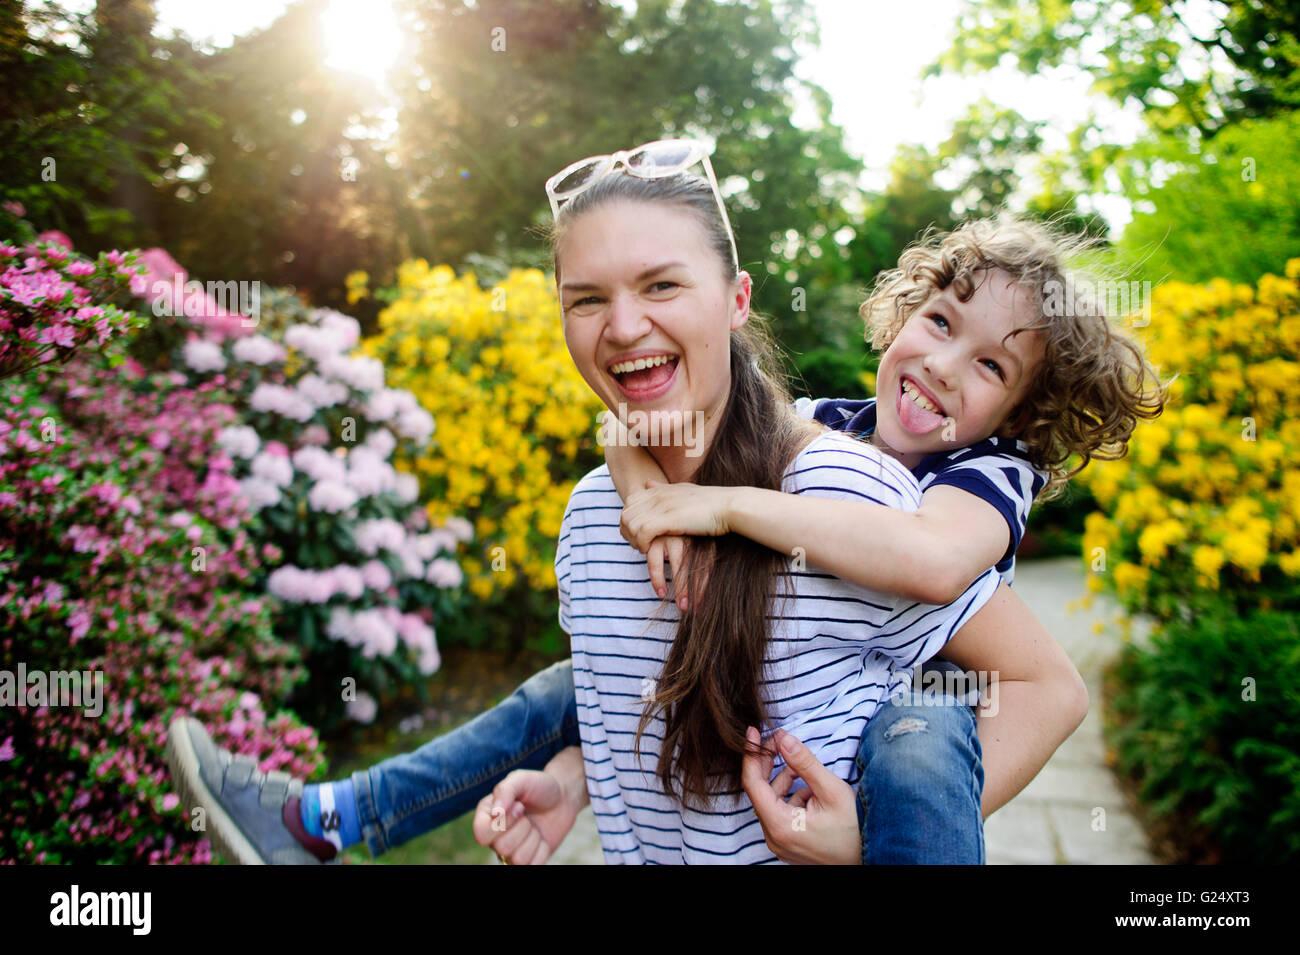 Sorella con suo fratello a giocare nel parco Immagini Stock